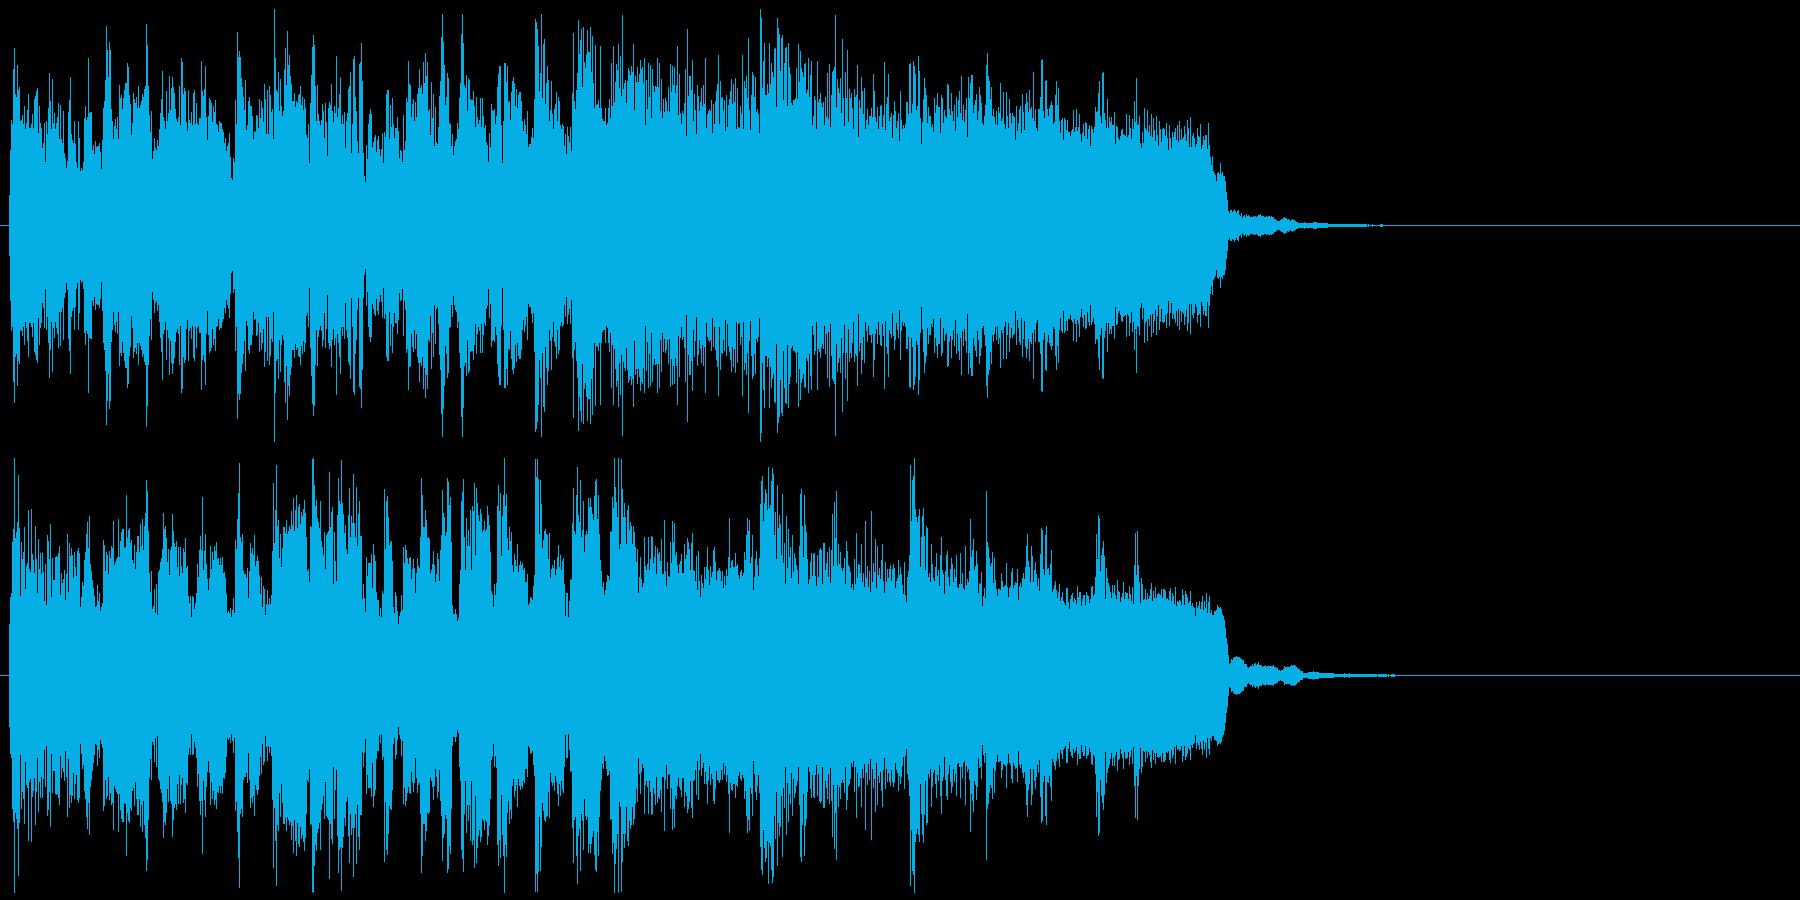 不思議なシンキングタイム系のジングルの再生済みの波形